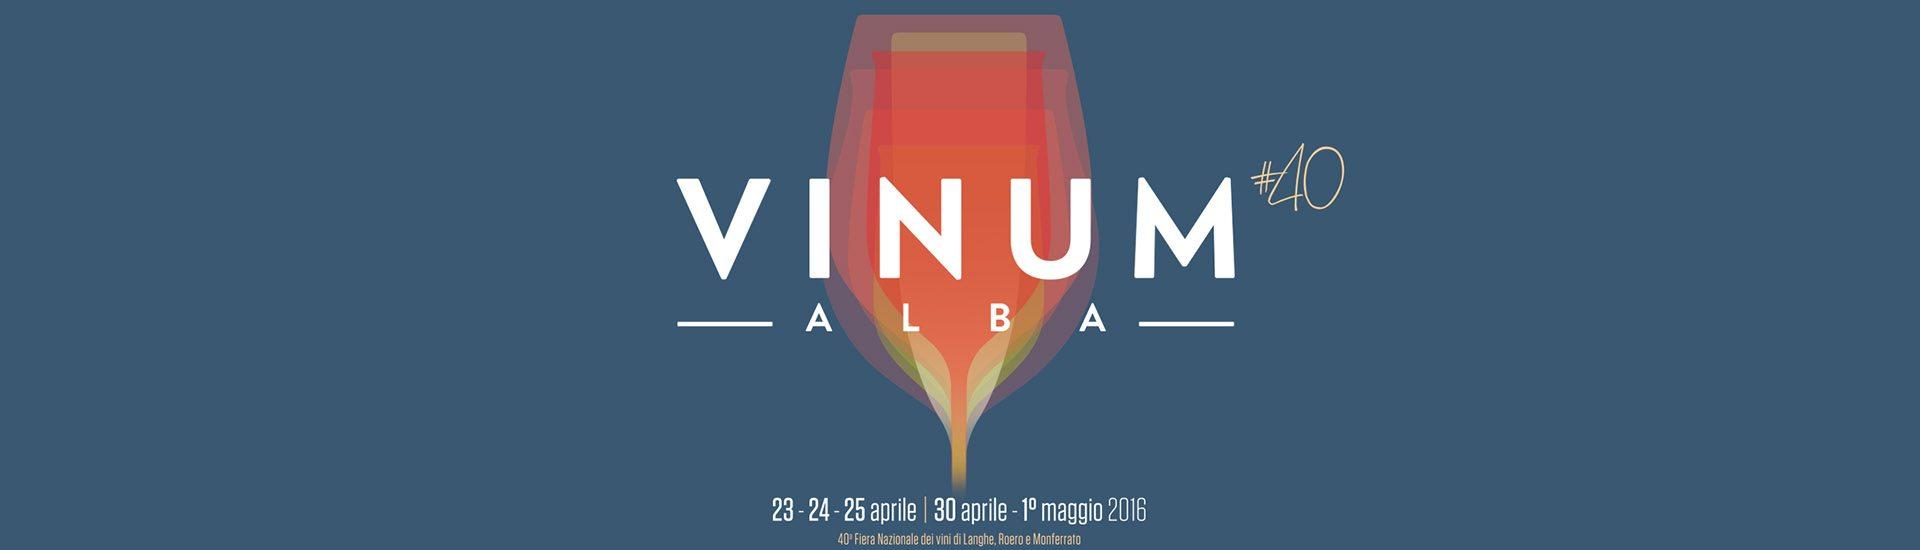 Vinum 2016